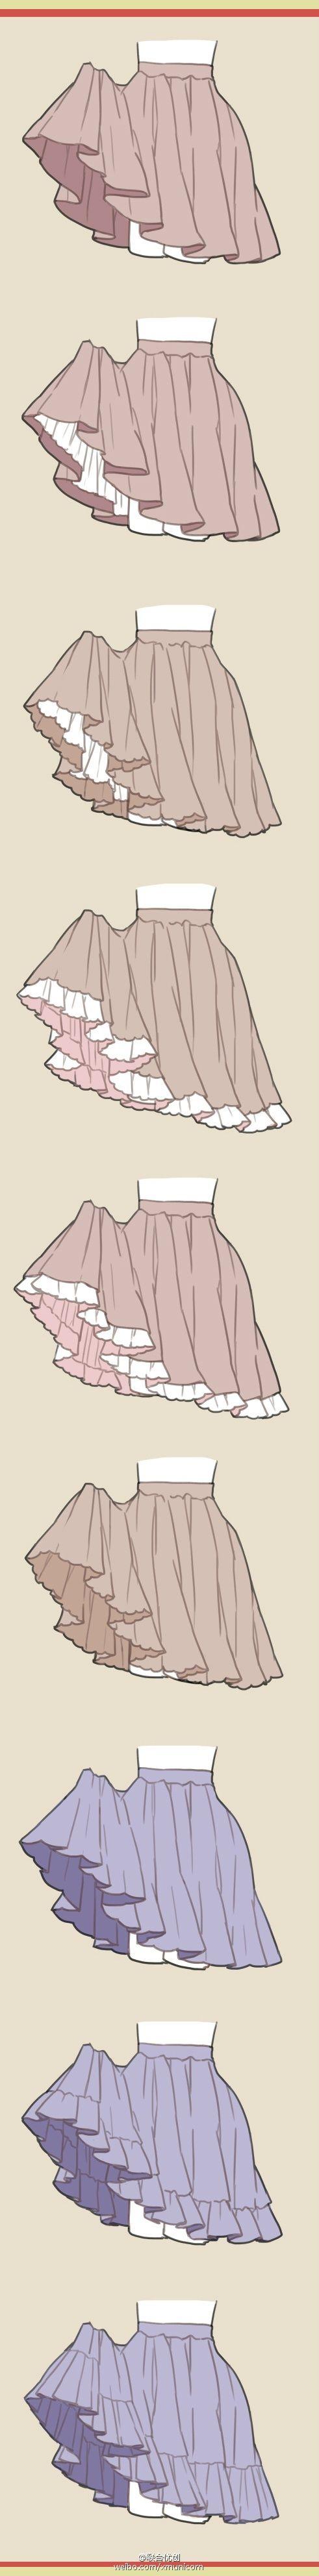 スカートの動き